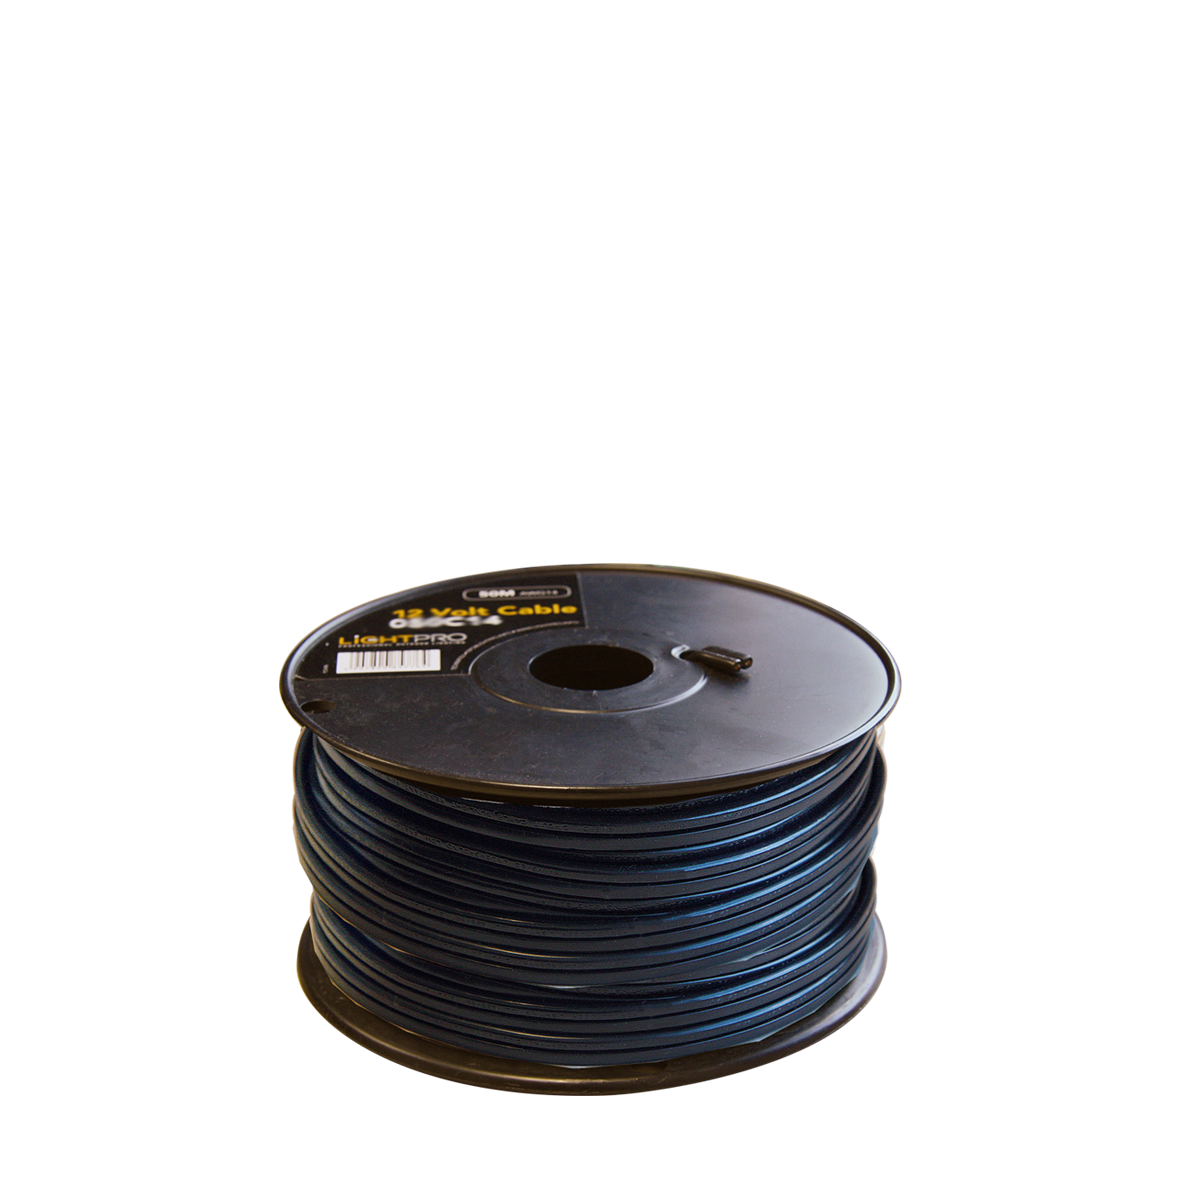 Kabel 25m